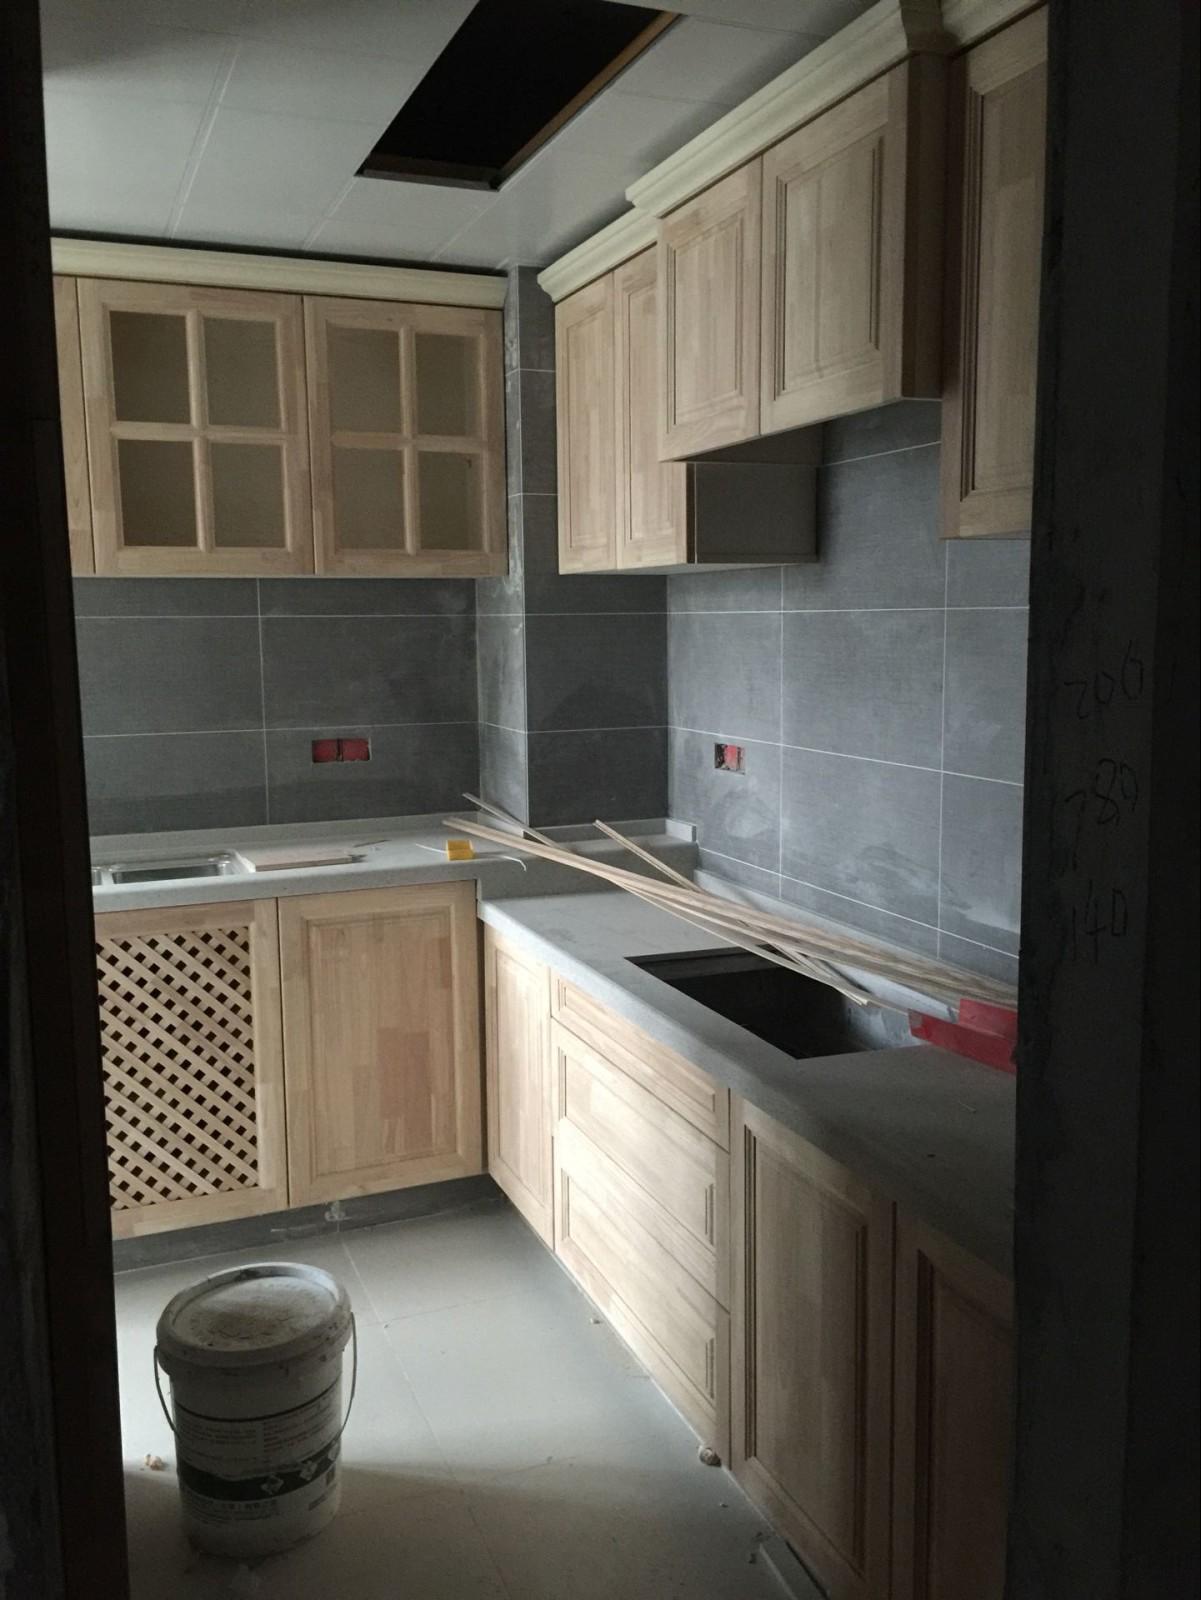 橱柜 厨房 家居 设计 装修 1201_1600 竖版 竖屏